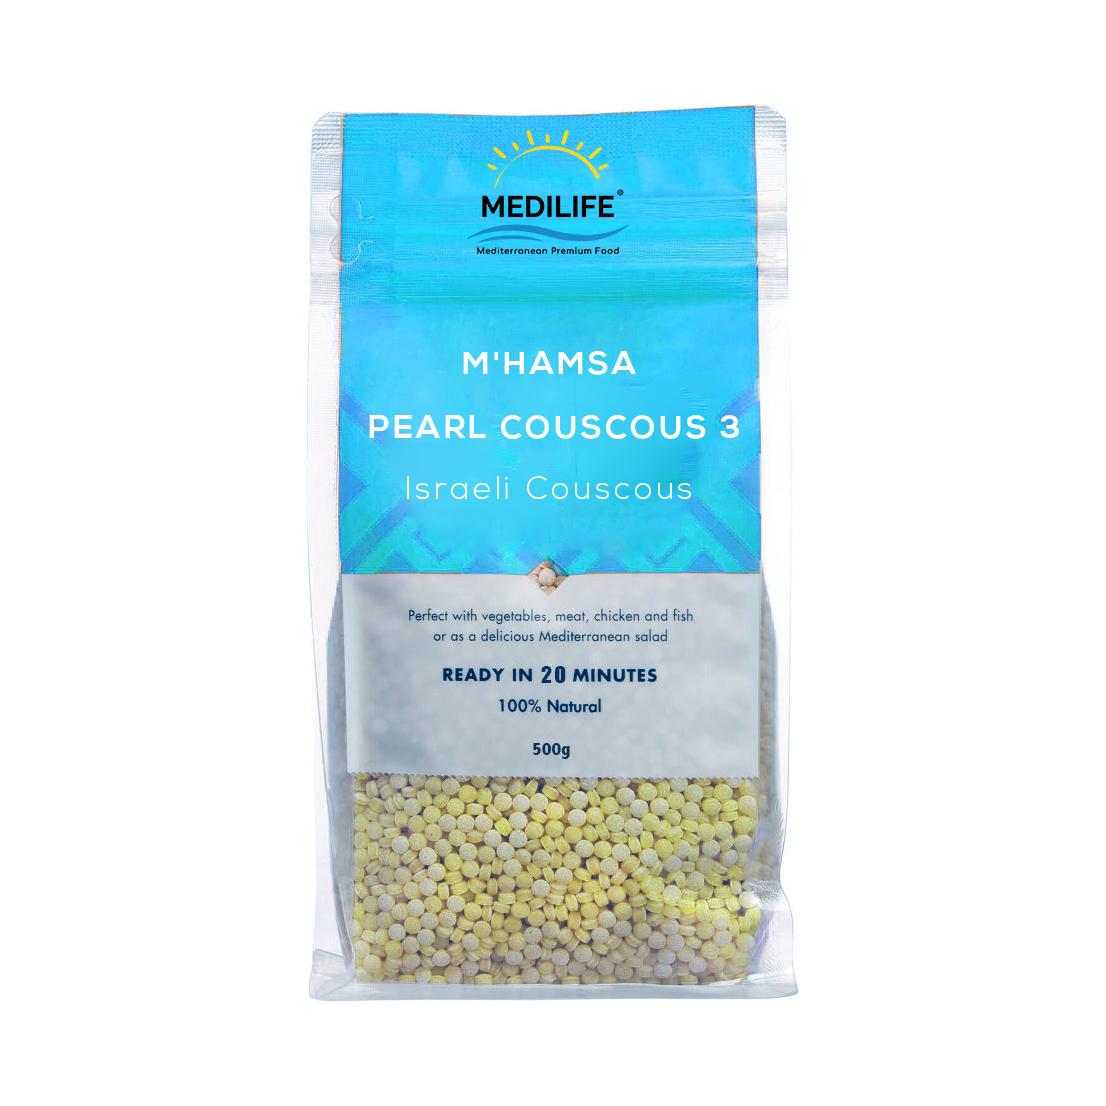 Pearl couscous3